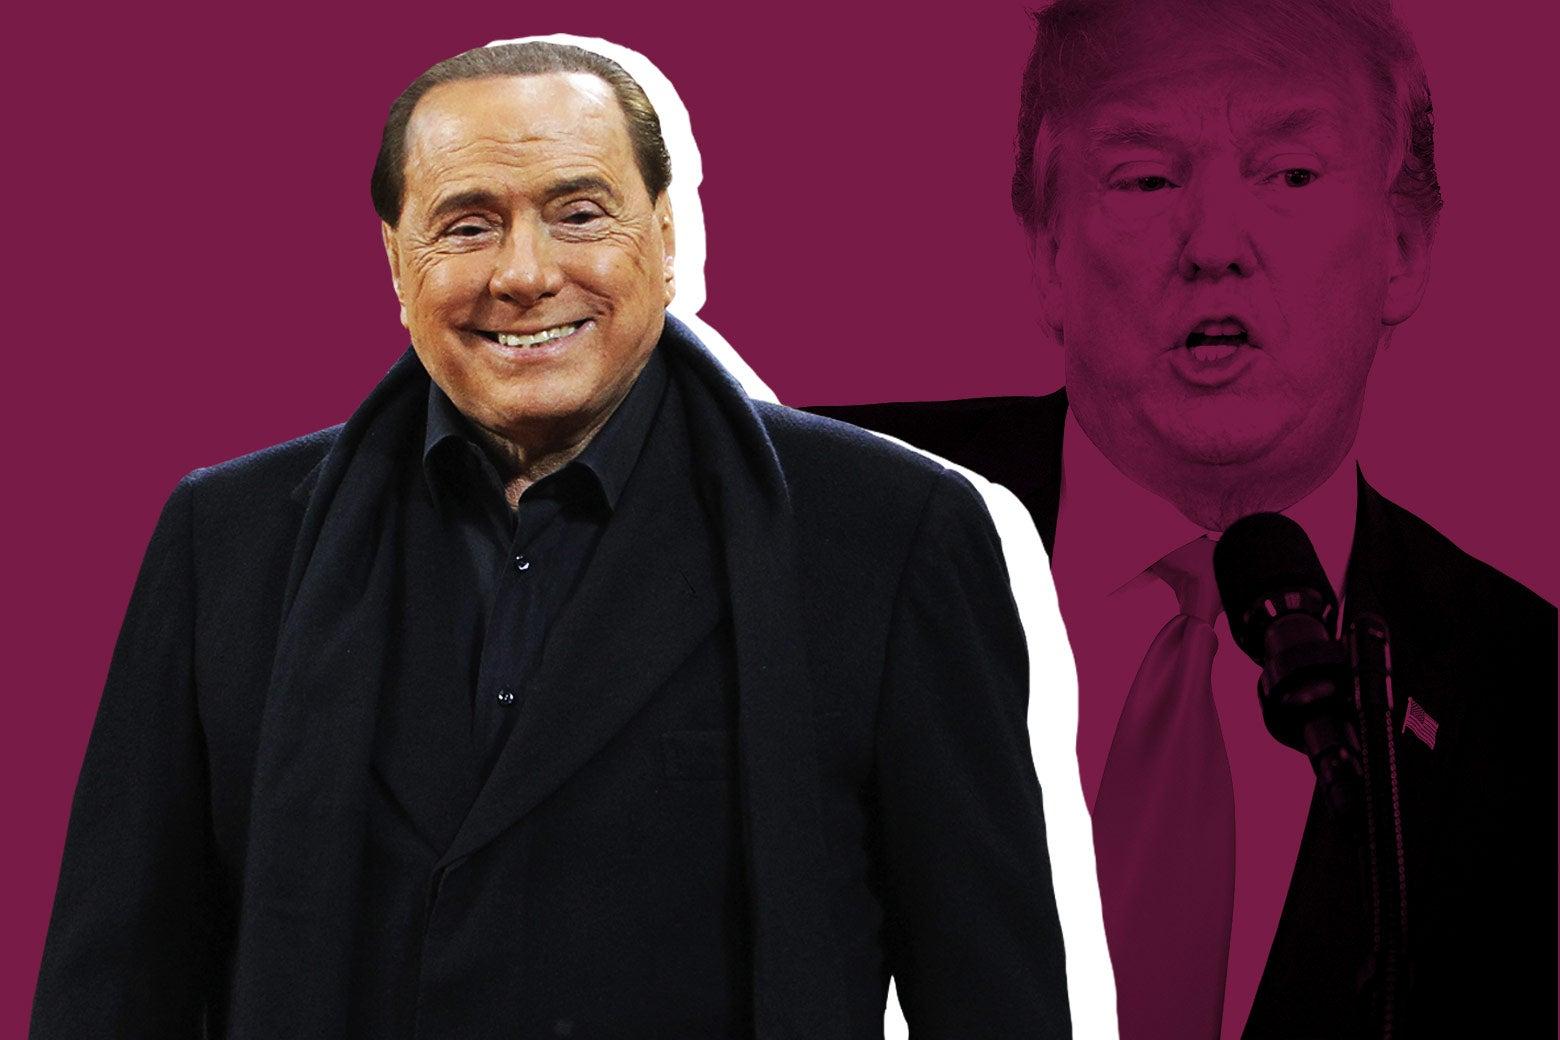 Silvio Berlusconi and President Donald Trump.